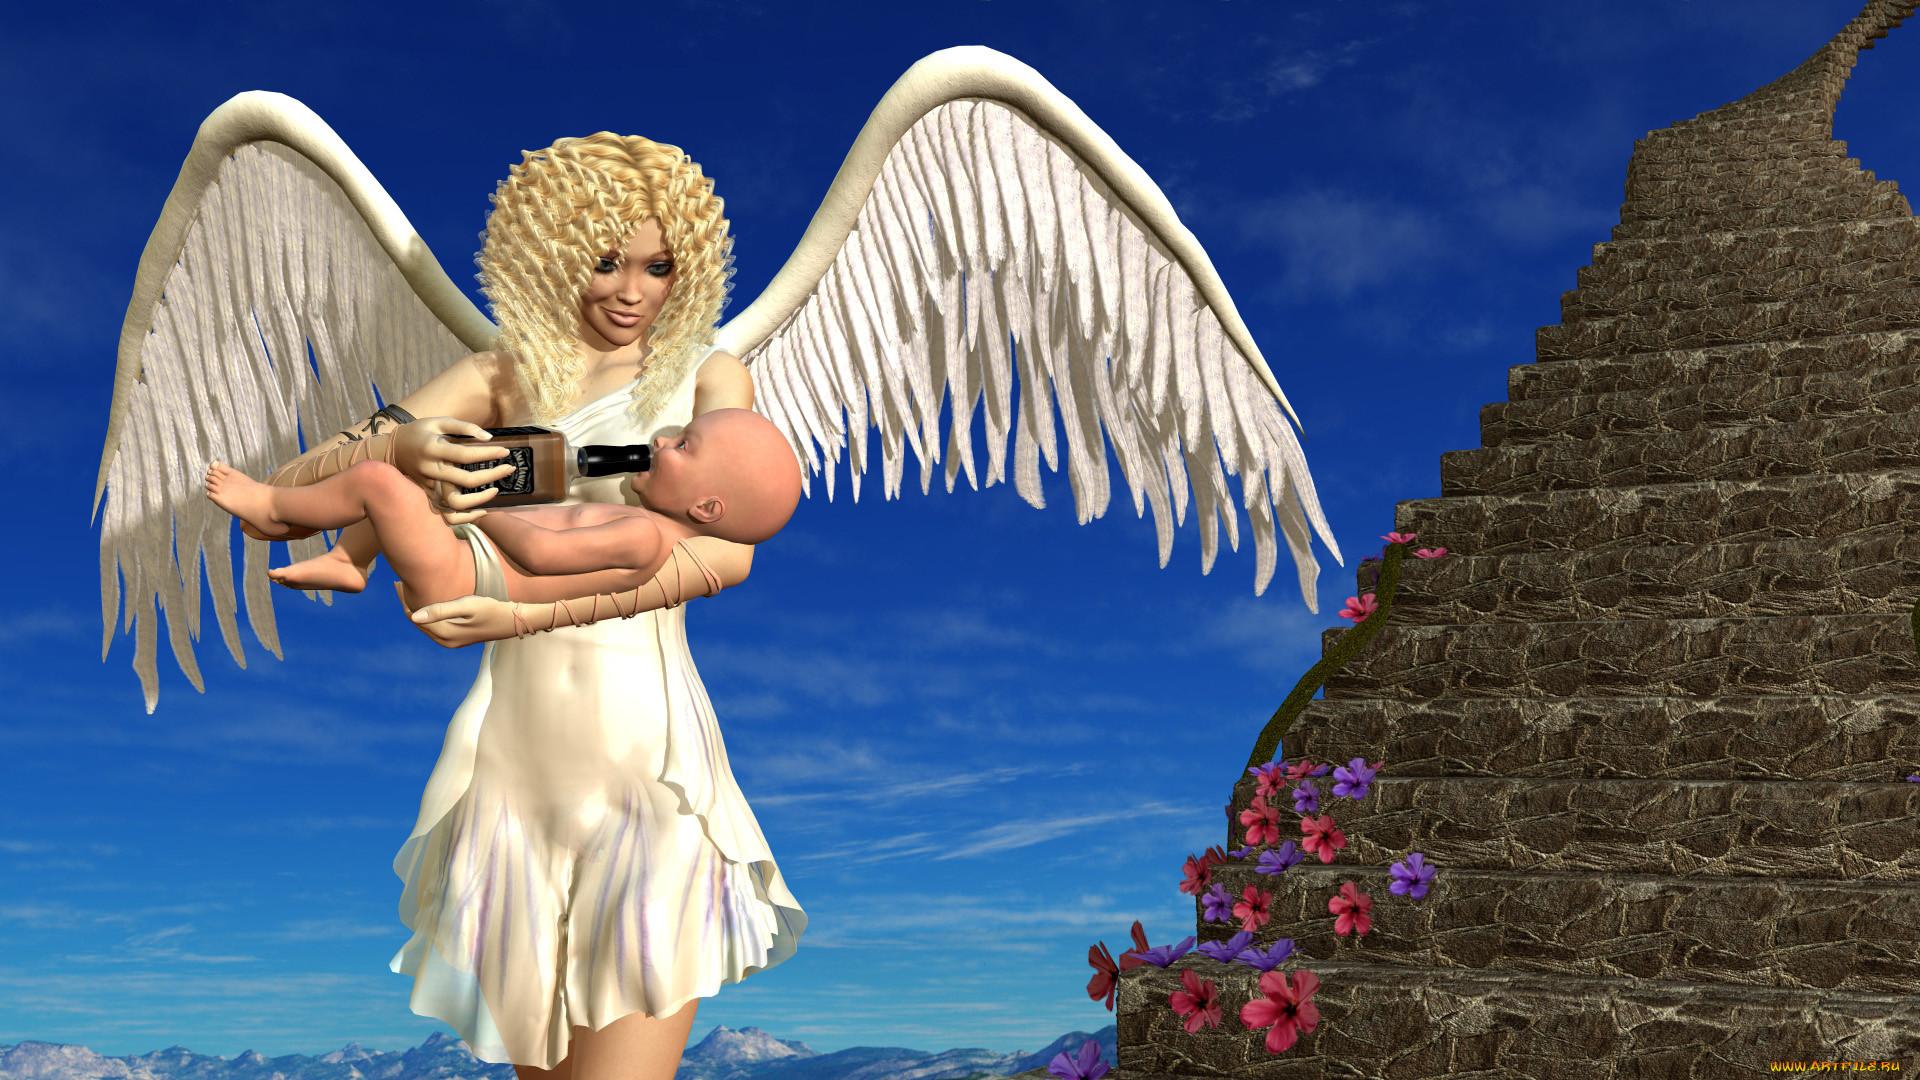 Картинки или обои с ангелами